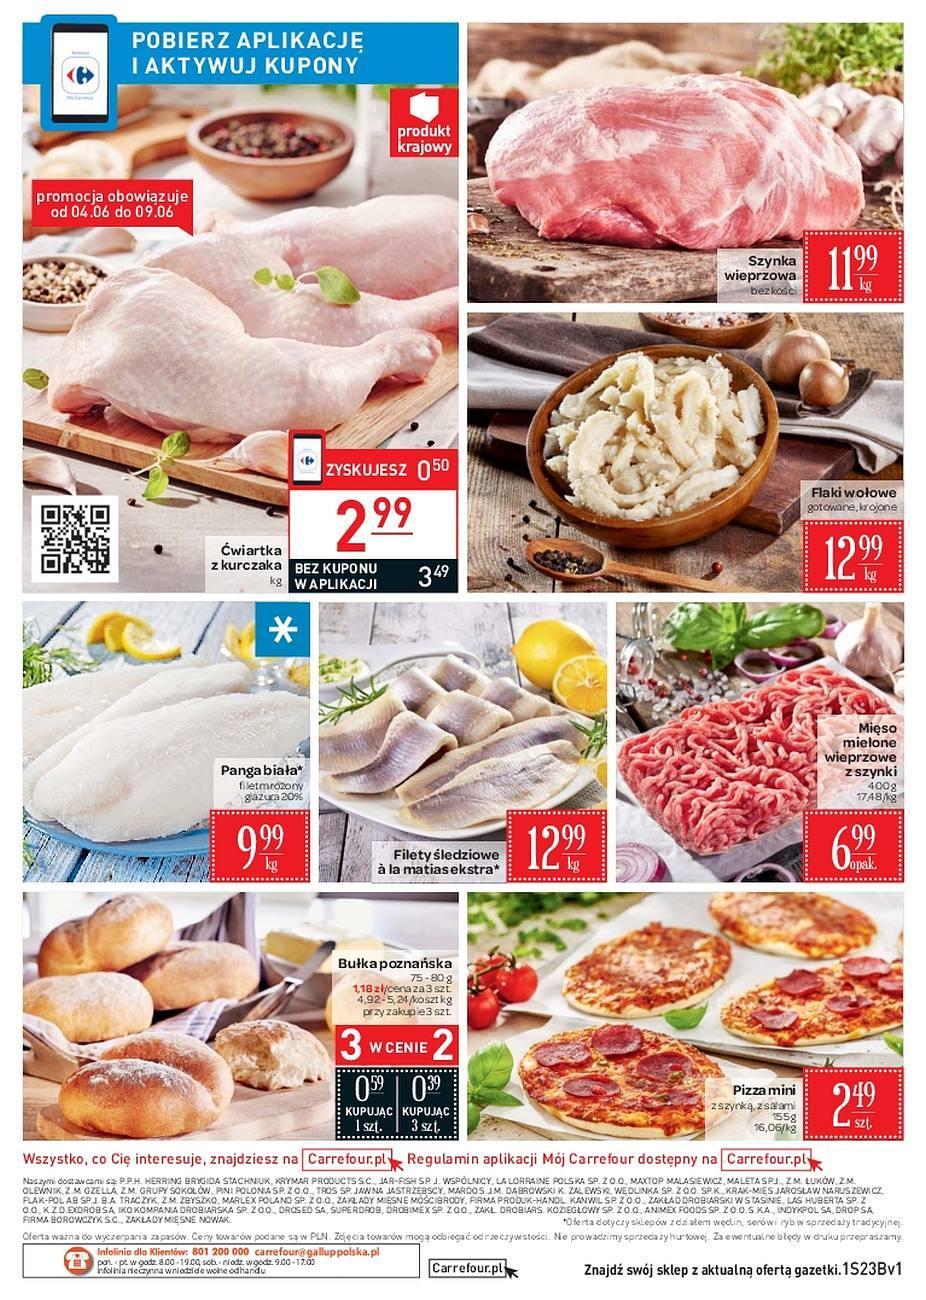 Gazetka promocyjna Carrefour Market do 11/06/2018 str.1